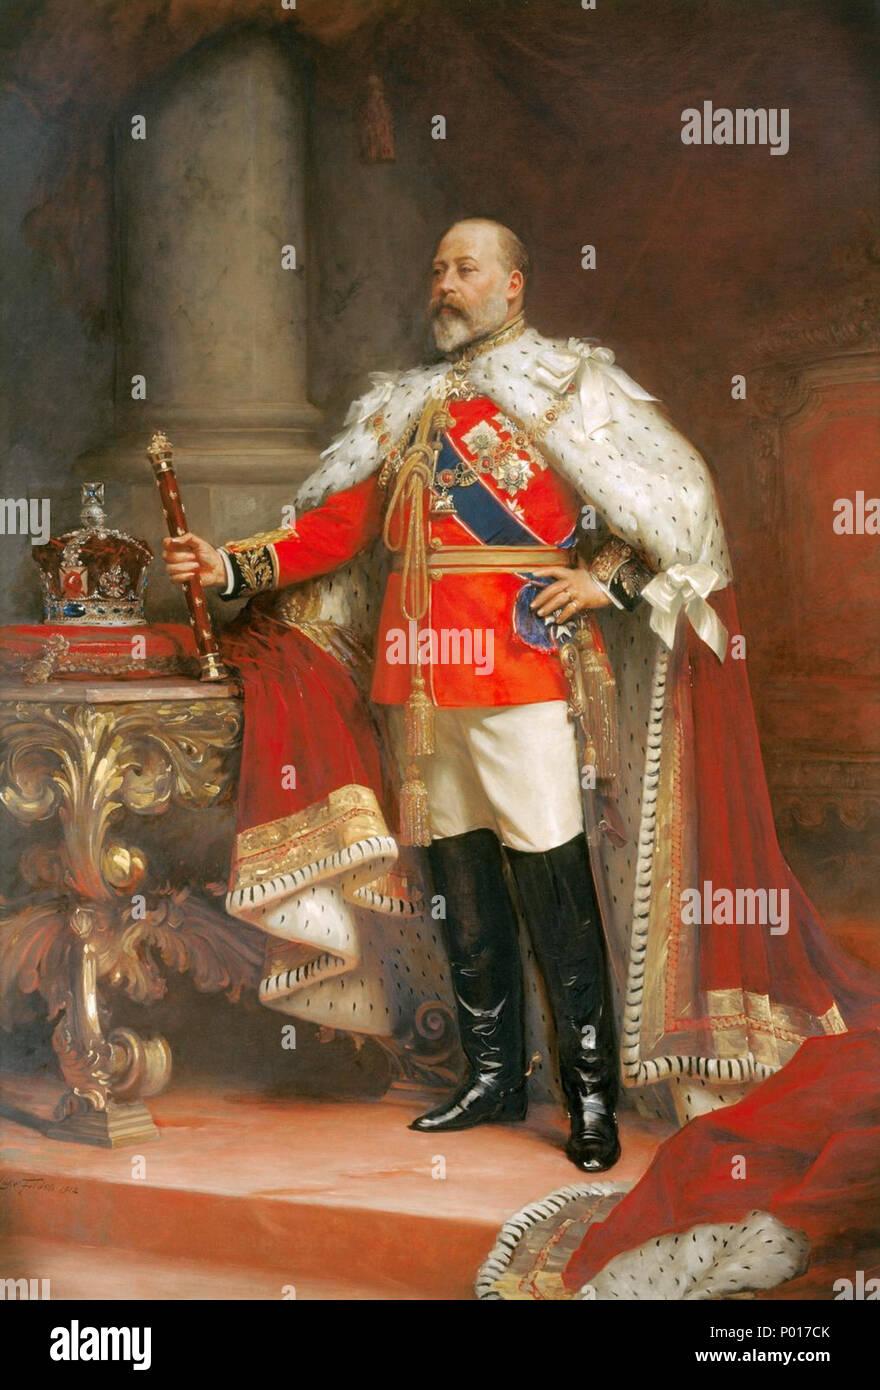 .  English: Portrait of King Edward VII  . King Edward VII (1841-1910) . 1912 3 Edward VII - Fildes 1912 - Stock Image